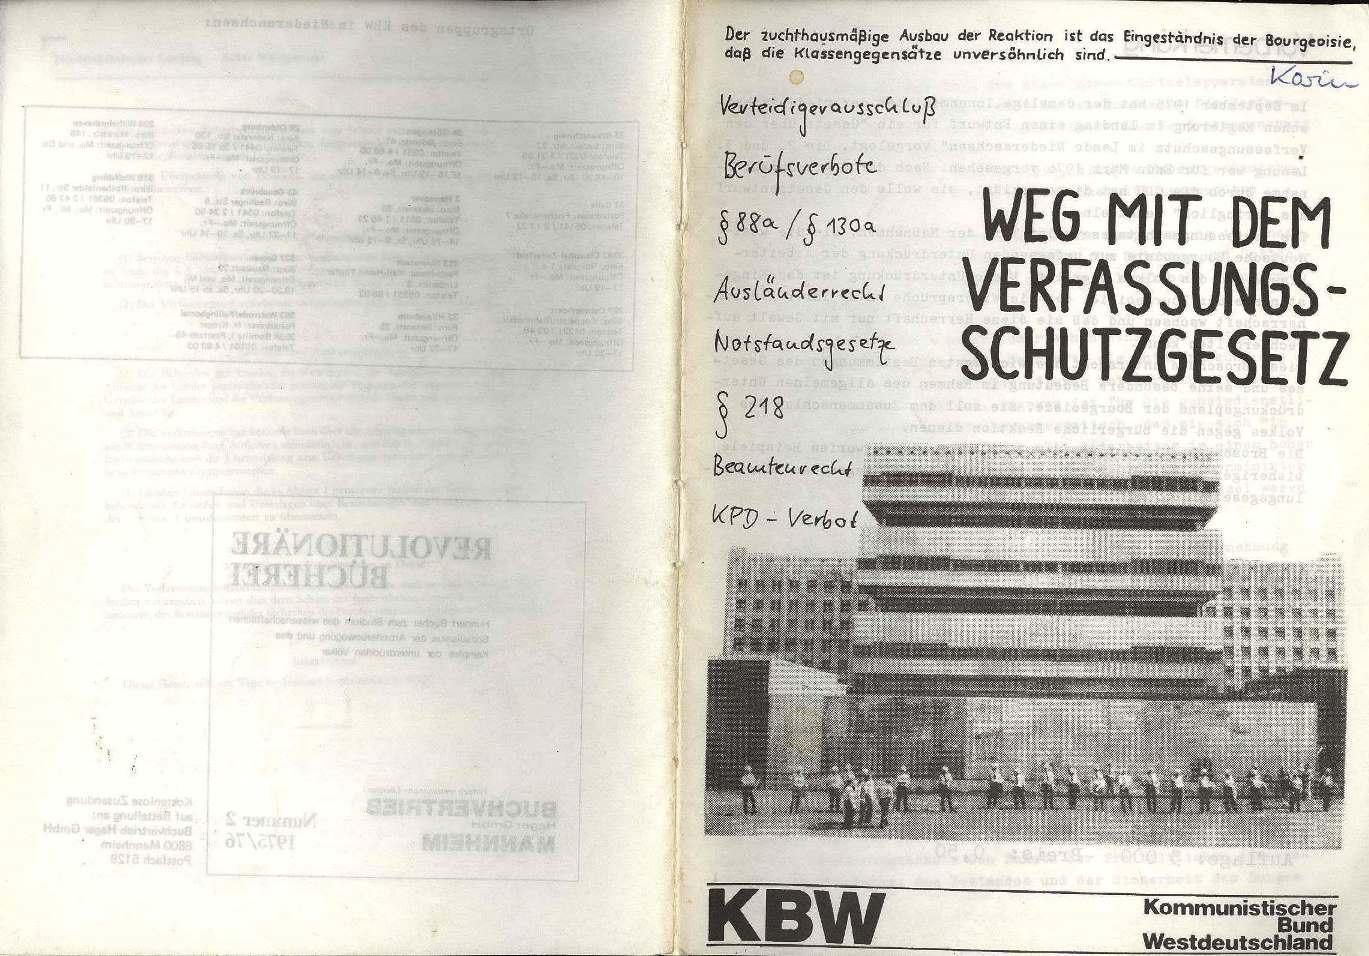 Hannover_Verfassungsschutzgesetz001